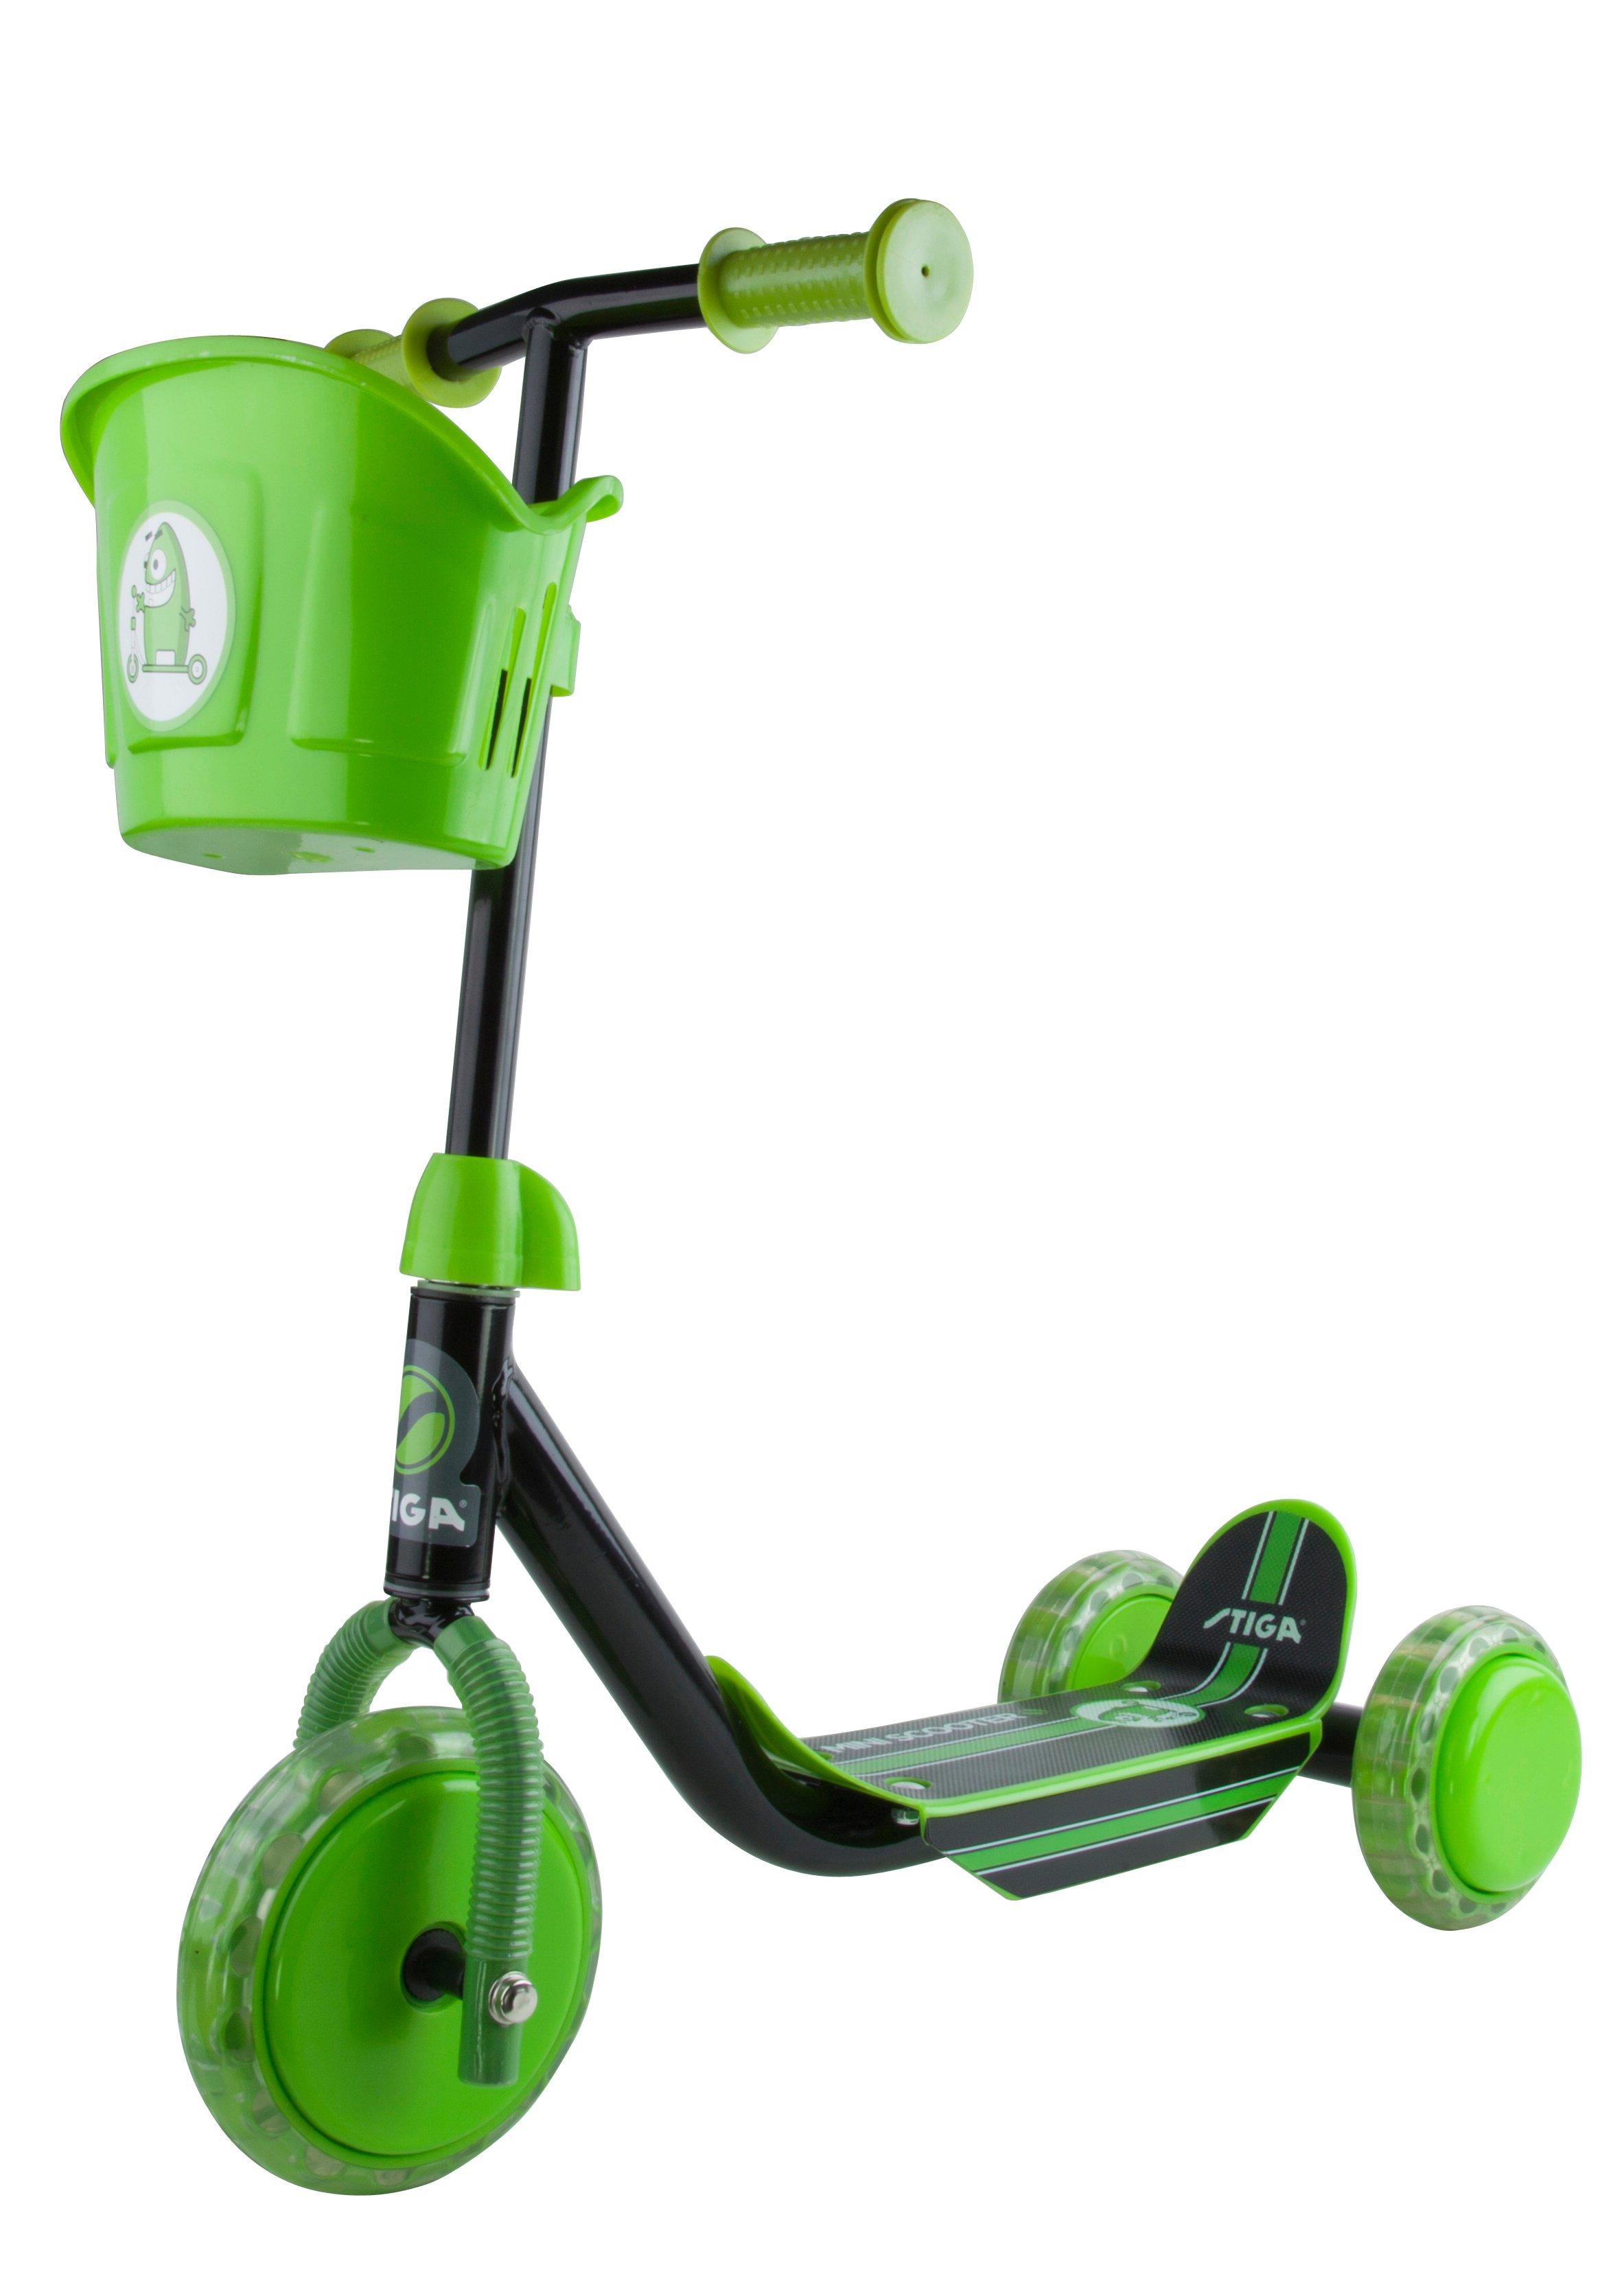 Stiga - Kid 3W Scooter - Black/Green (80-7401-19)